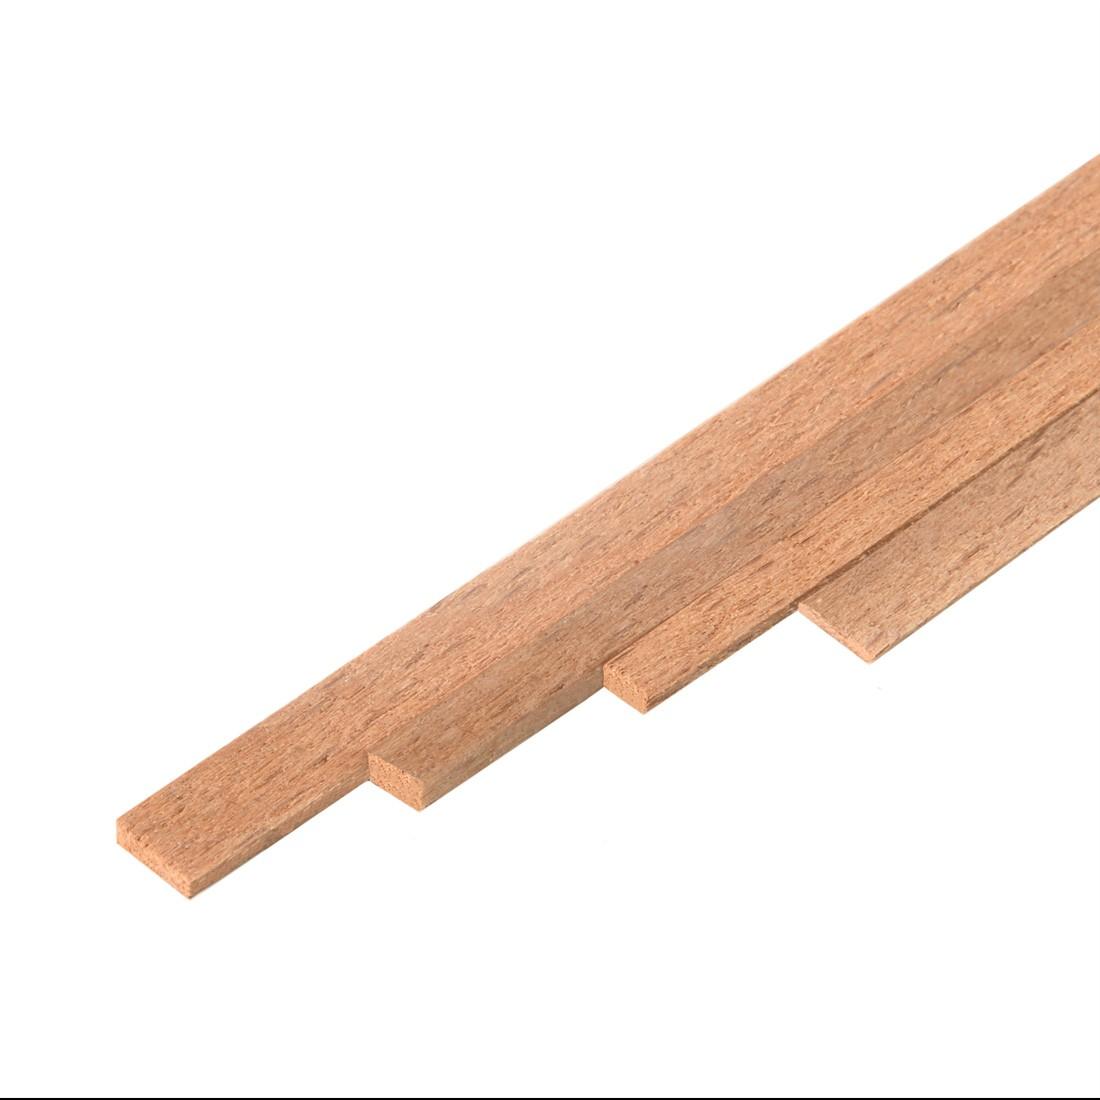 Tira de madera de haya mm.2x4